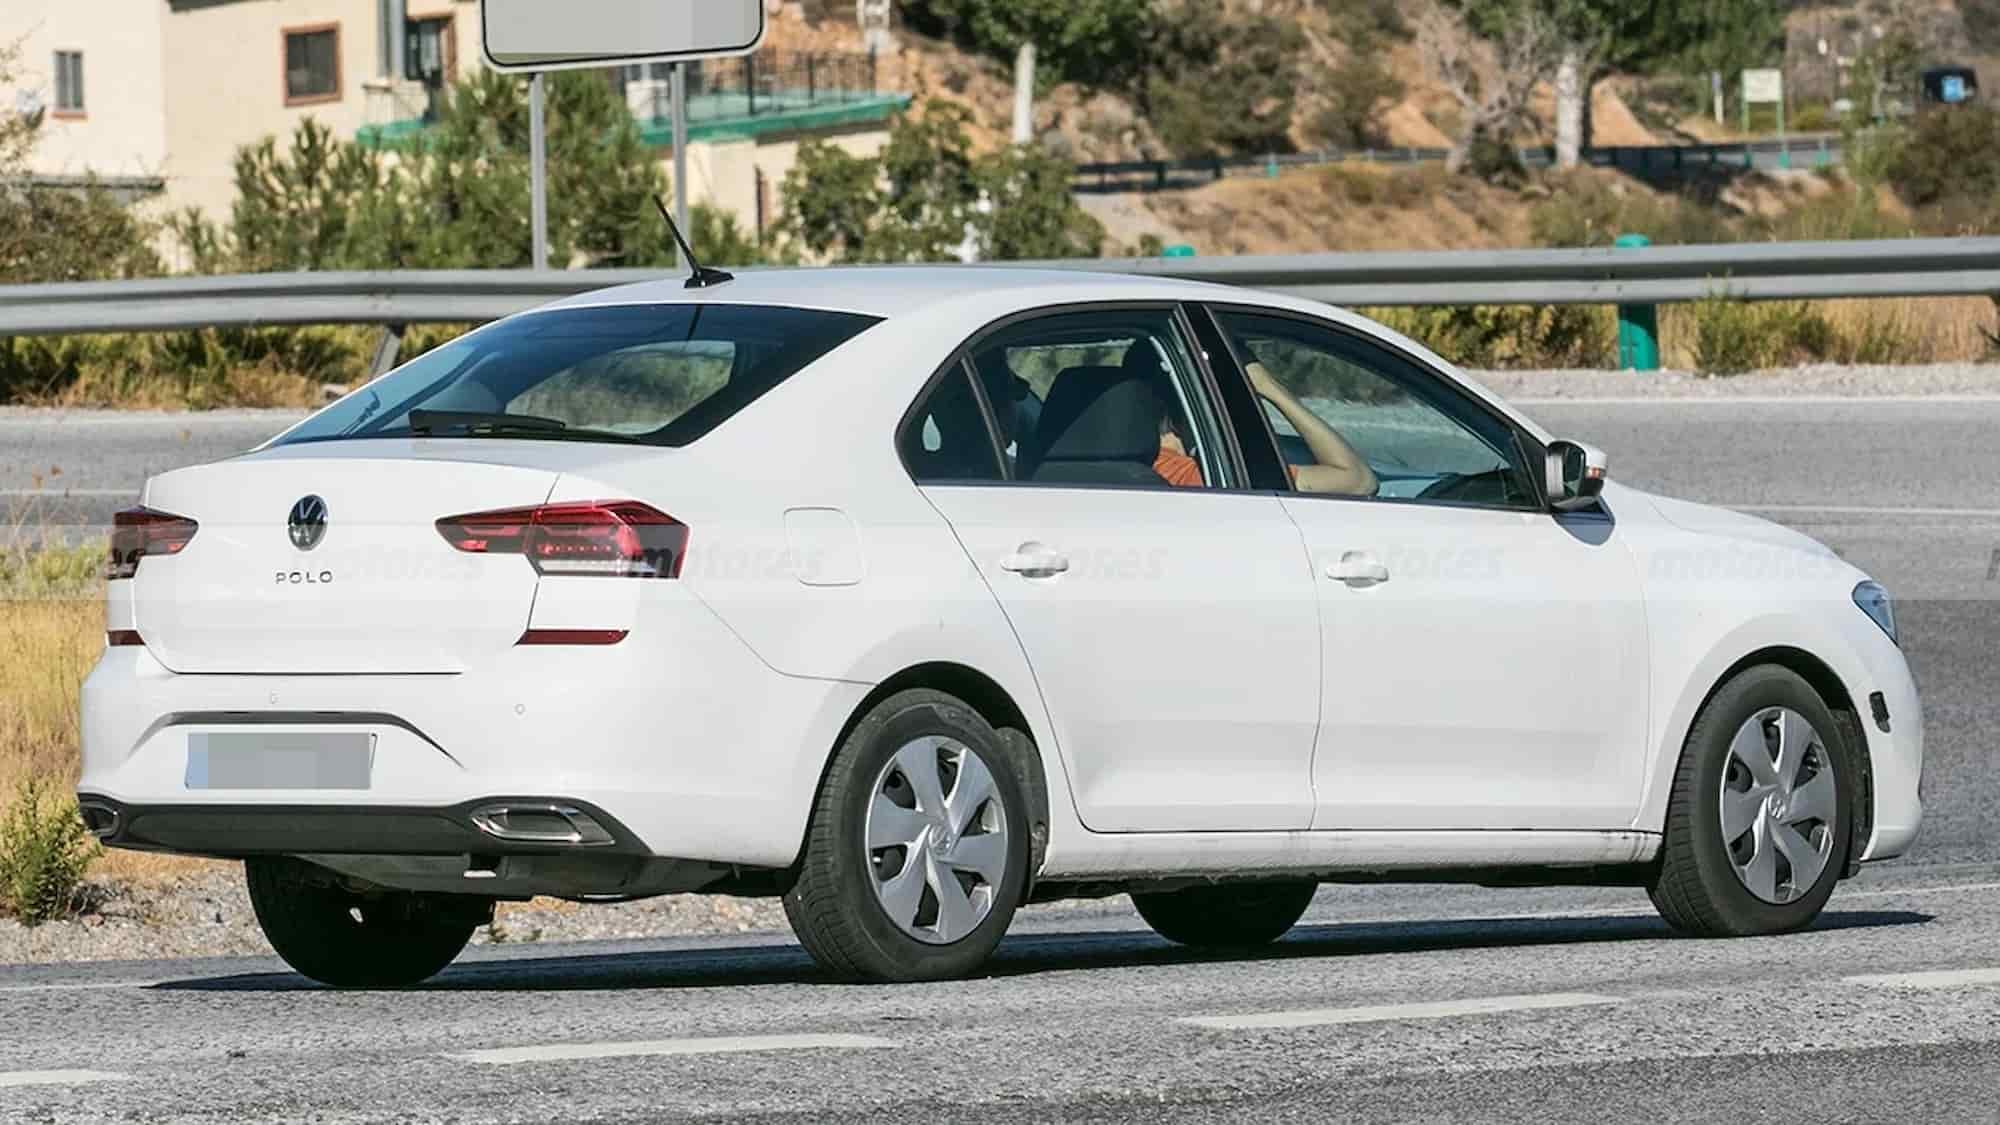 volkswagen polo sedan 2022 fotos espia 202181352 1632299816 16